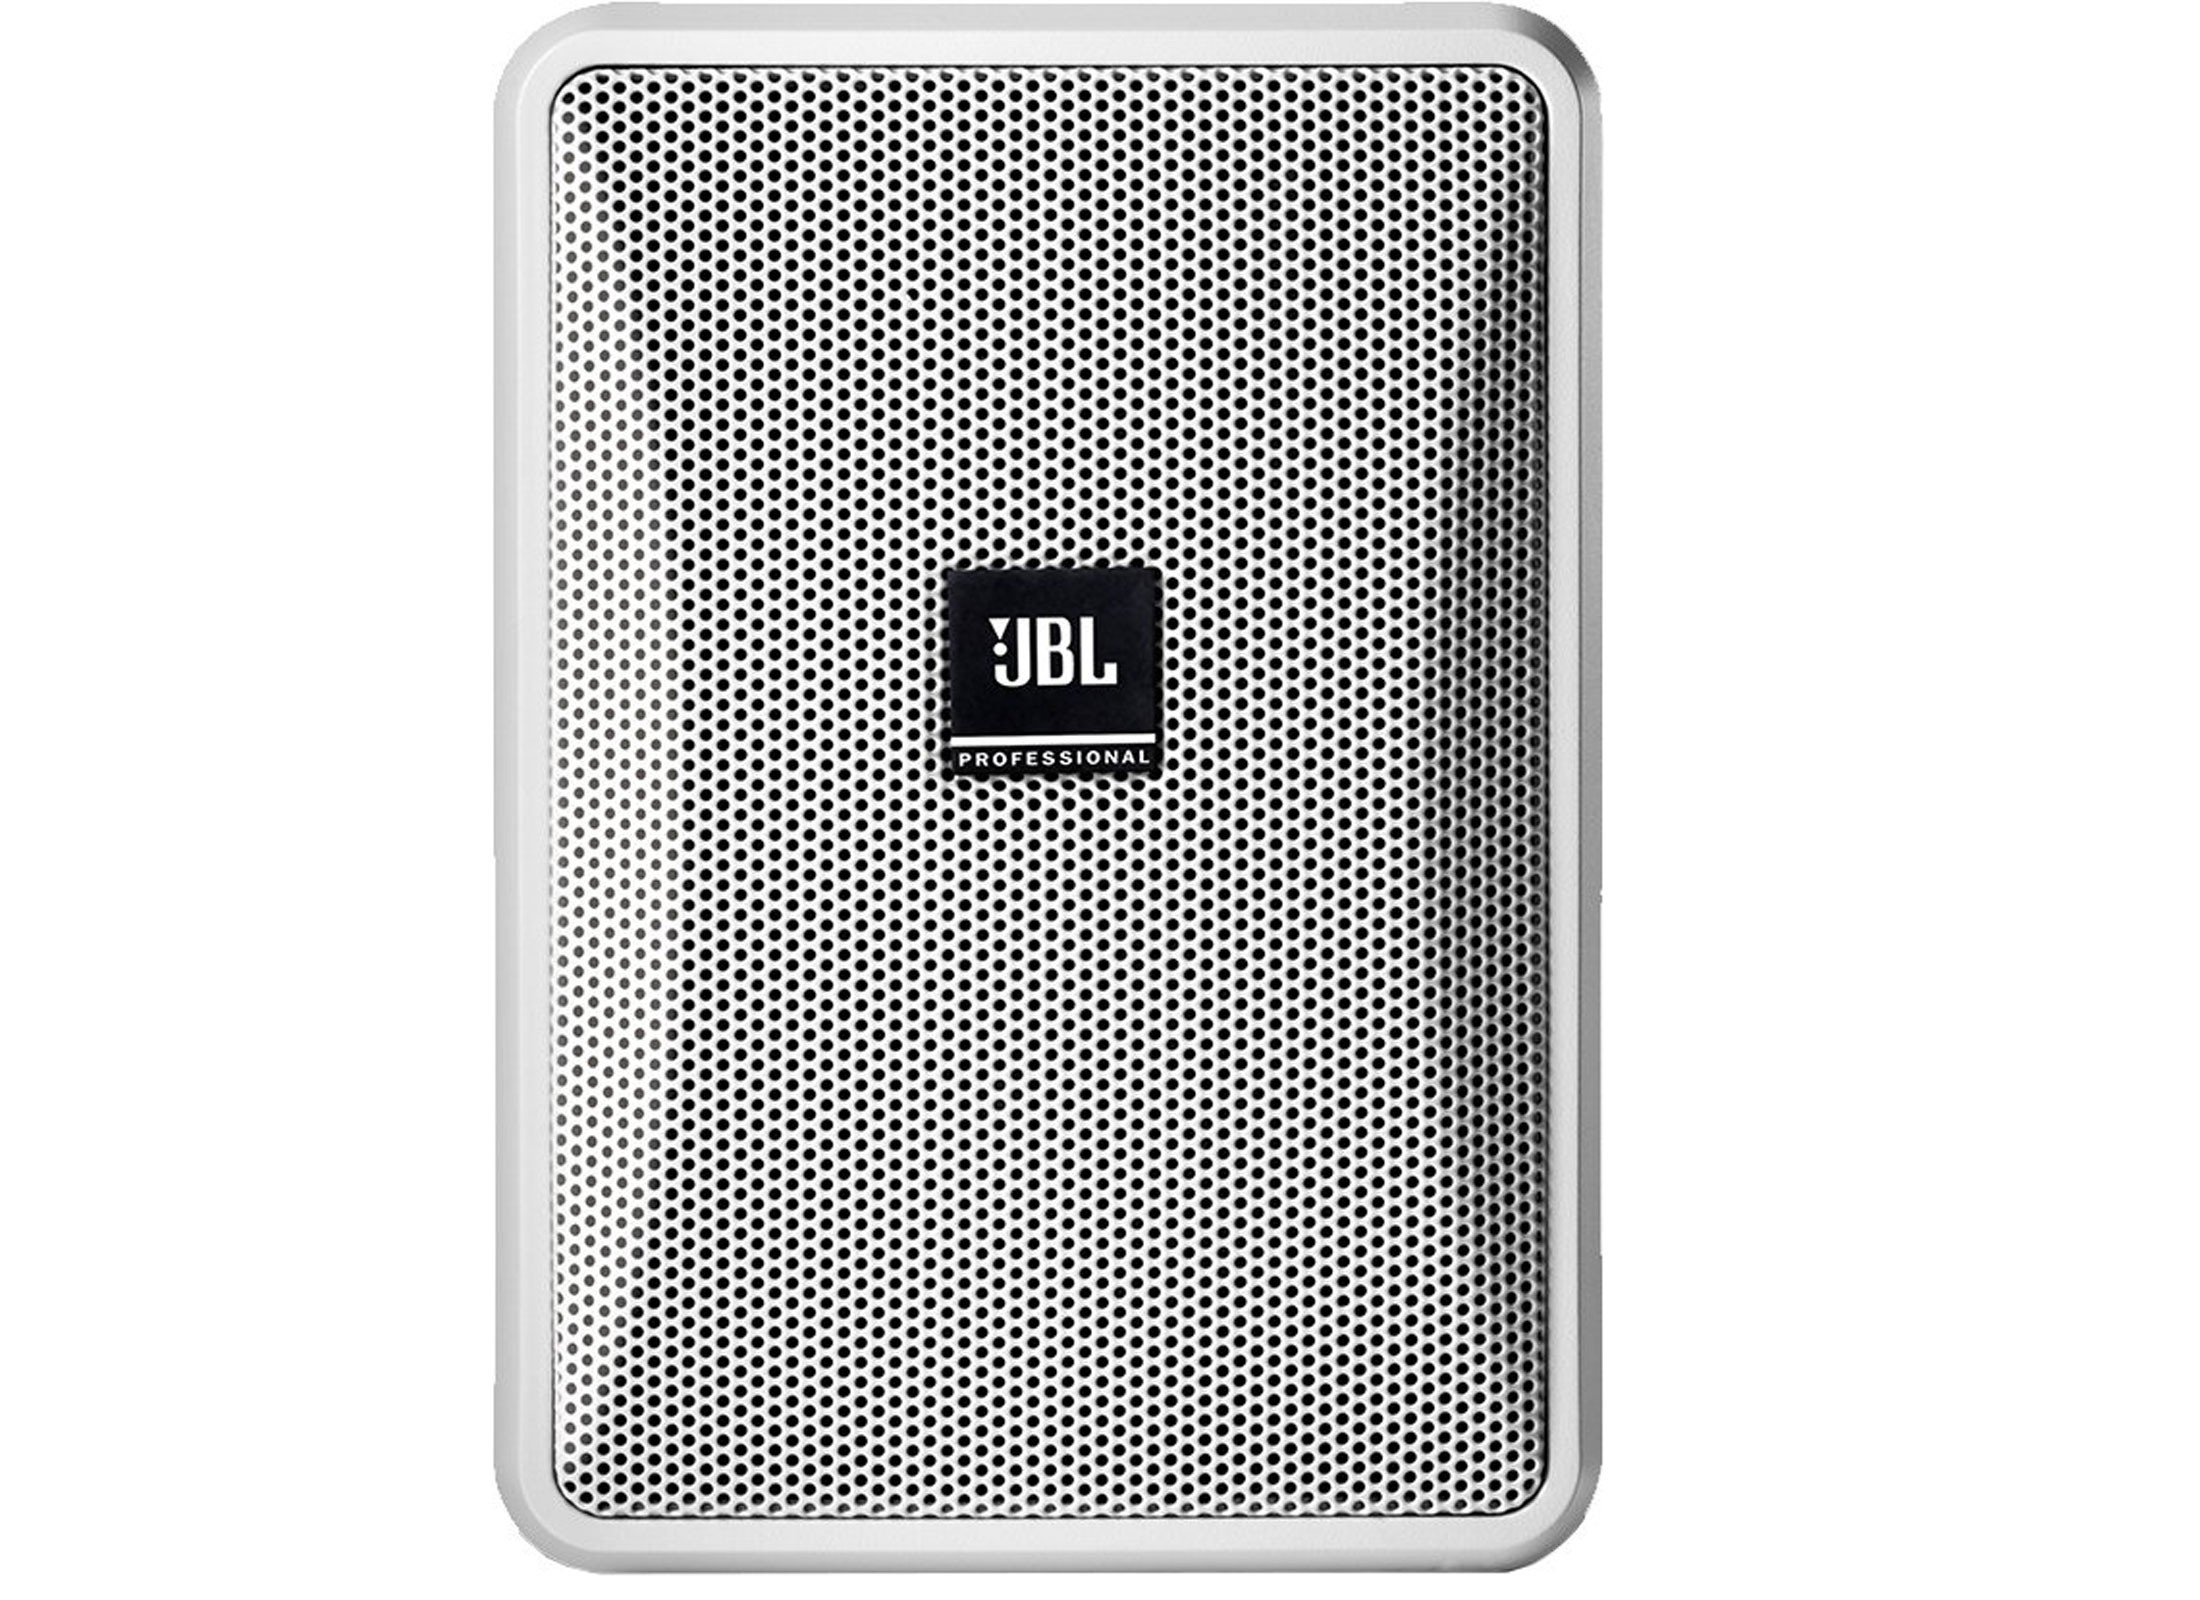 jbl control 23 1l wh speaker passive white online at low. Black Bedroom Furniture Sets. Home Design Ideas